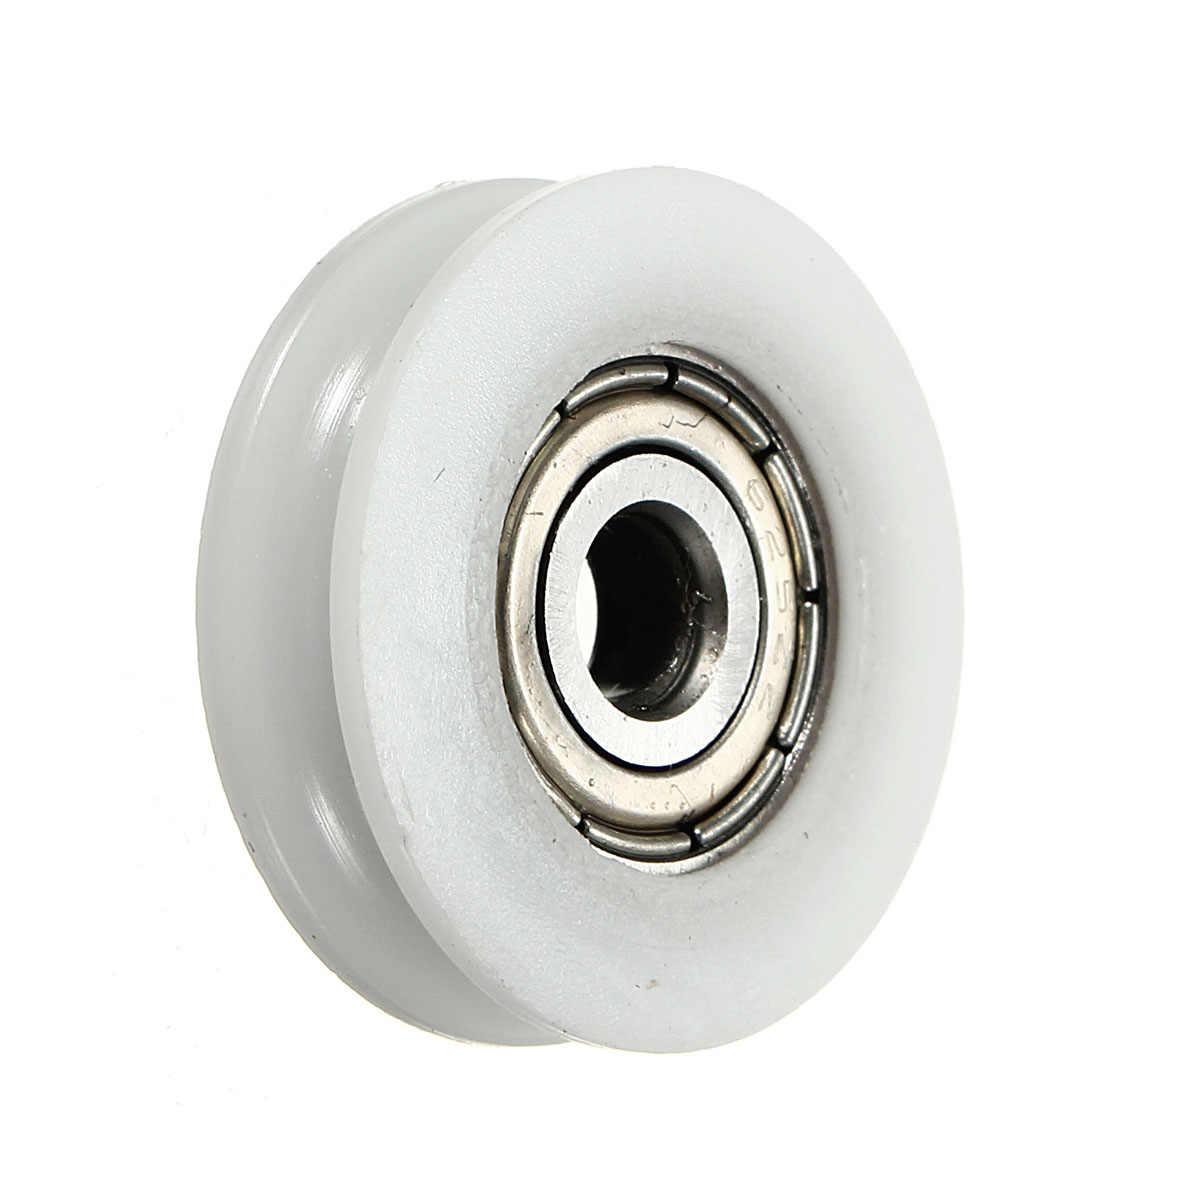 ラウンド溝ナイロンプーリーホイールローラー高炭素鋼 U 溝プーリーボールベアリングスライド柔軟な